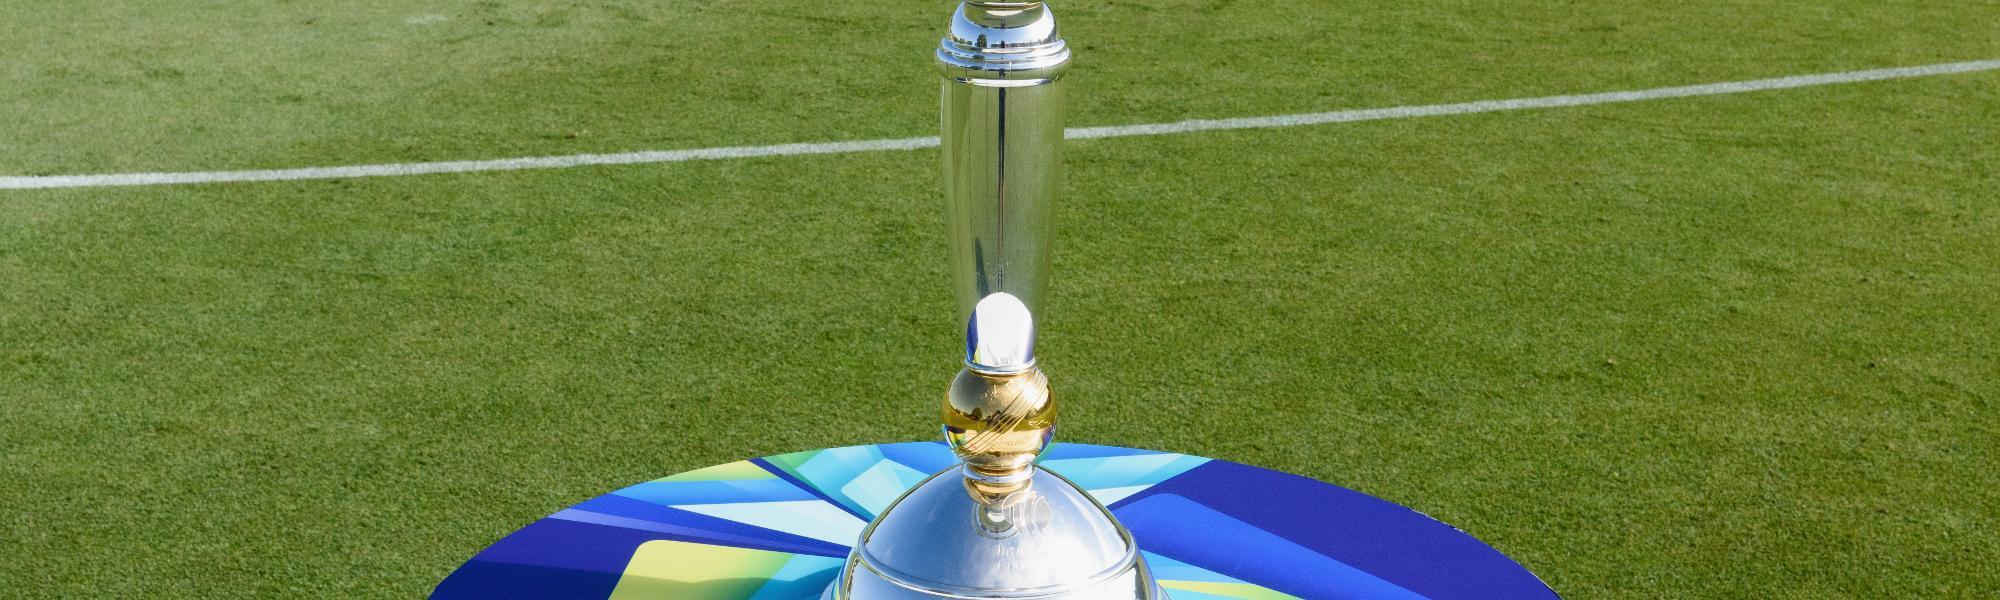 U19 Cricket World Cup trophy